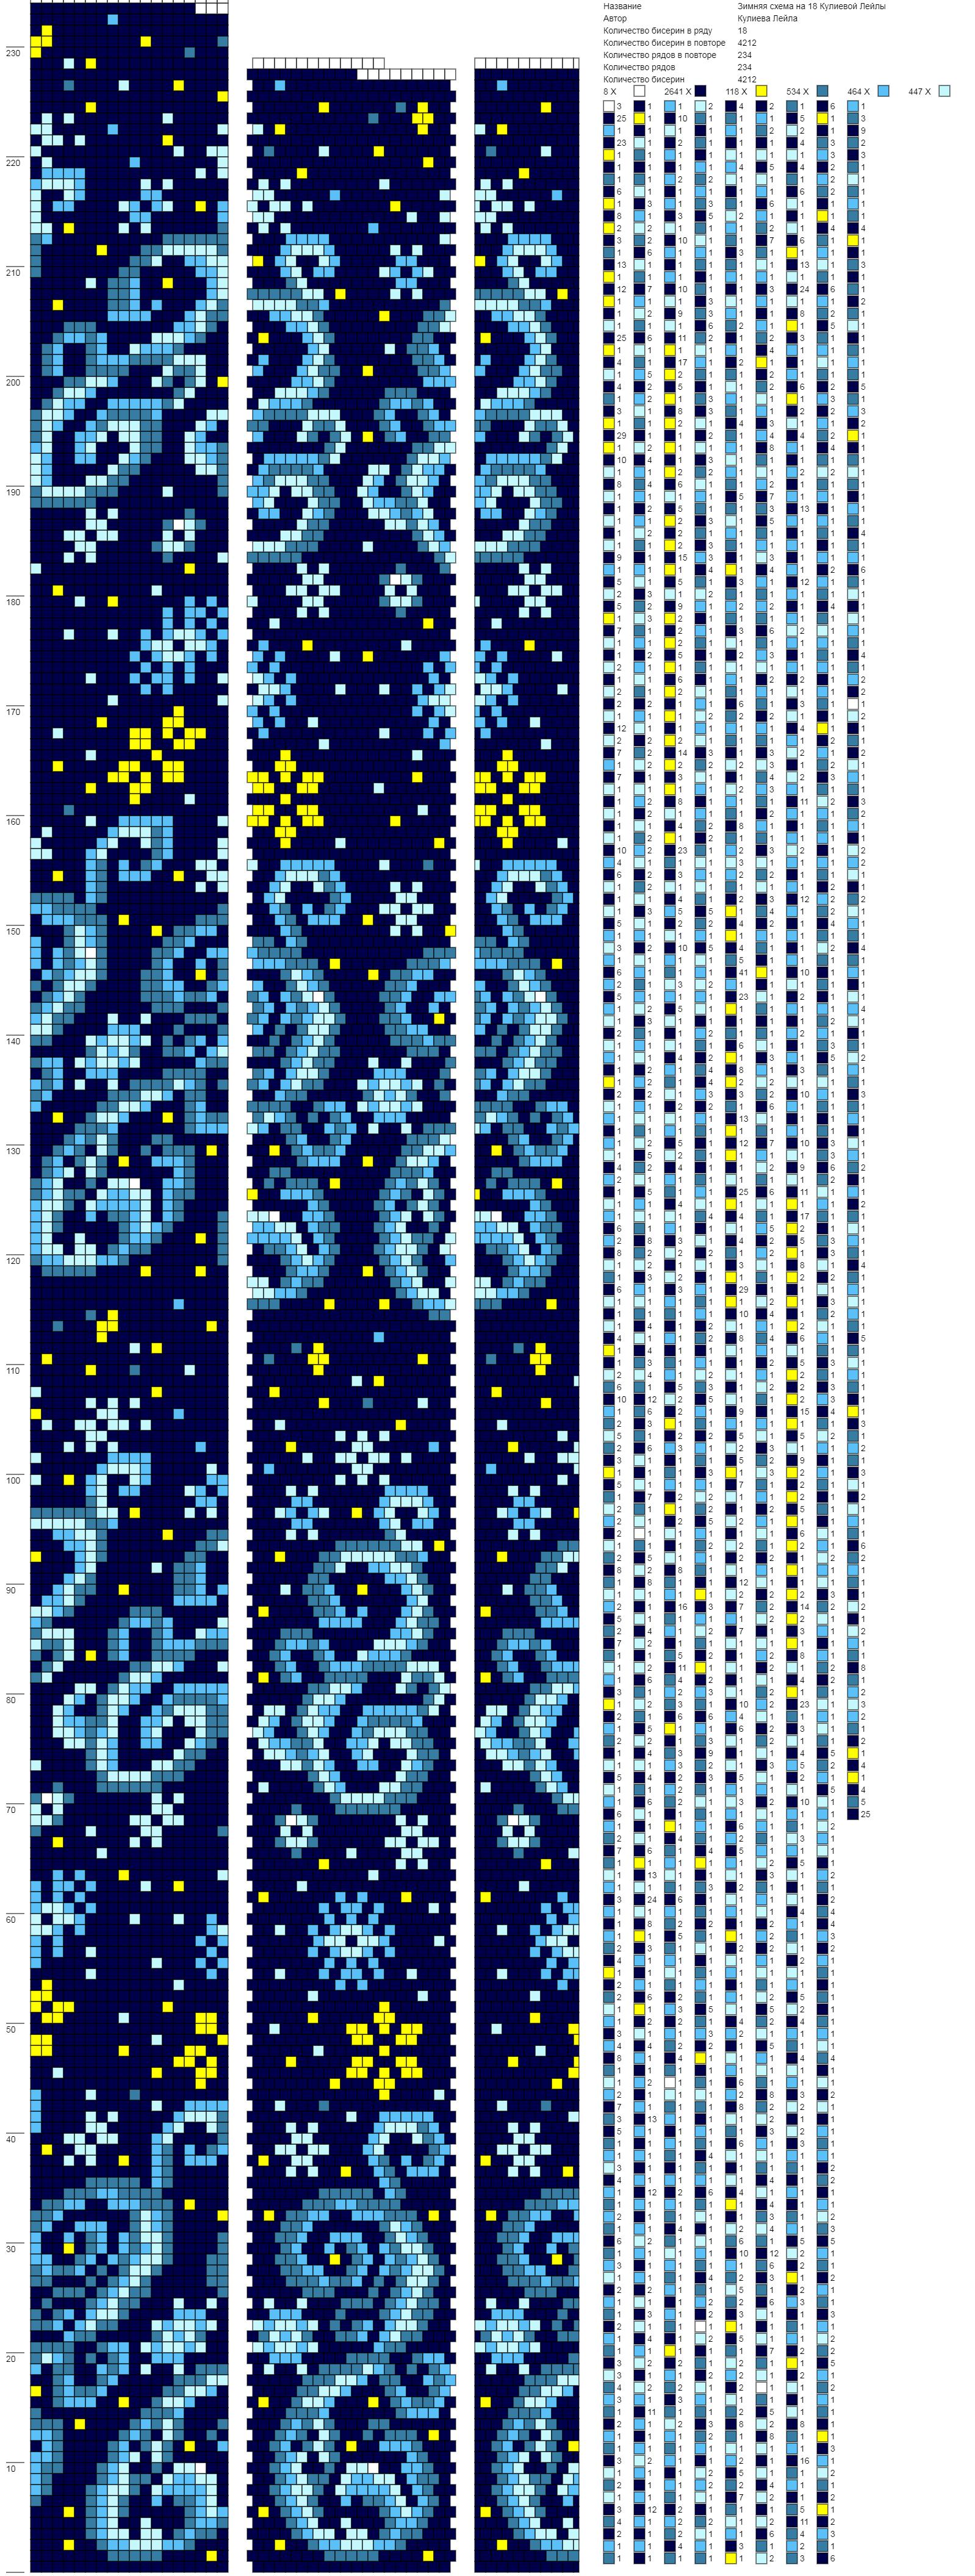 БИСЕР - XXI ВЕК | Schlauchkette 11 bis 20 | Pinterest | Perlenkette ...